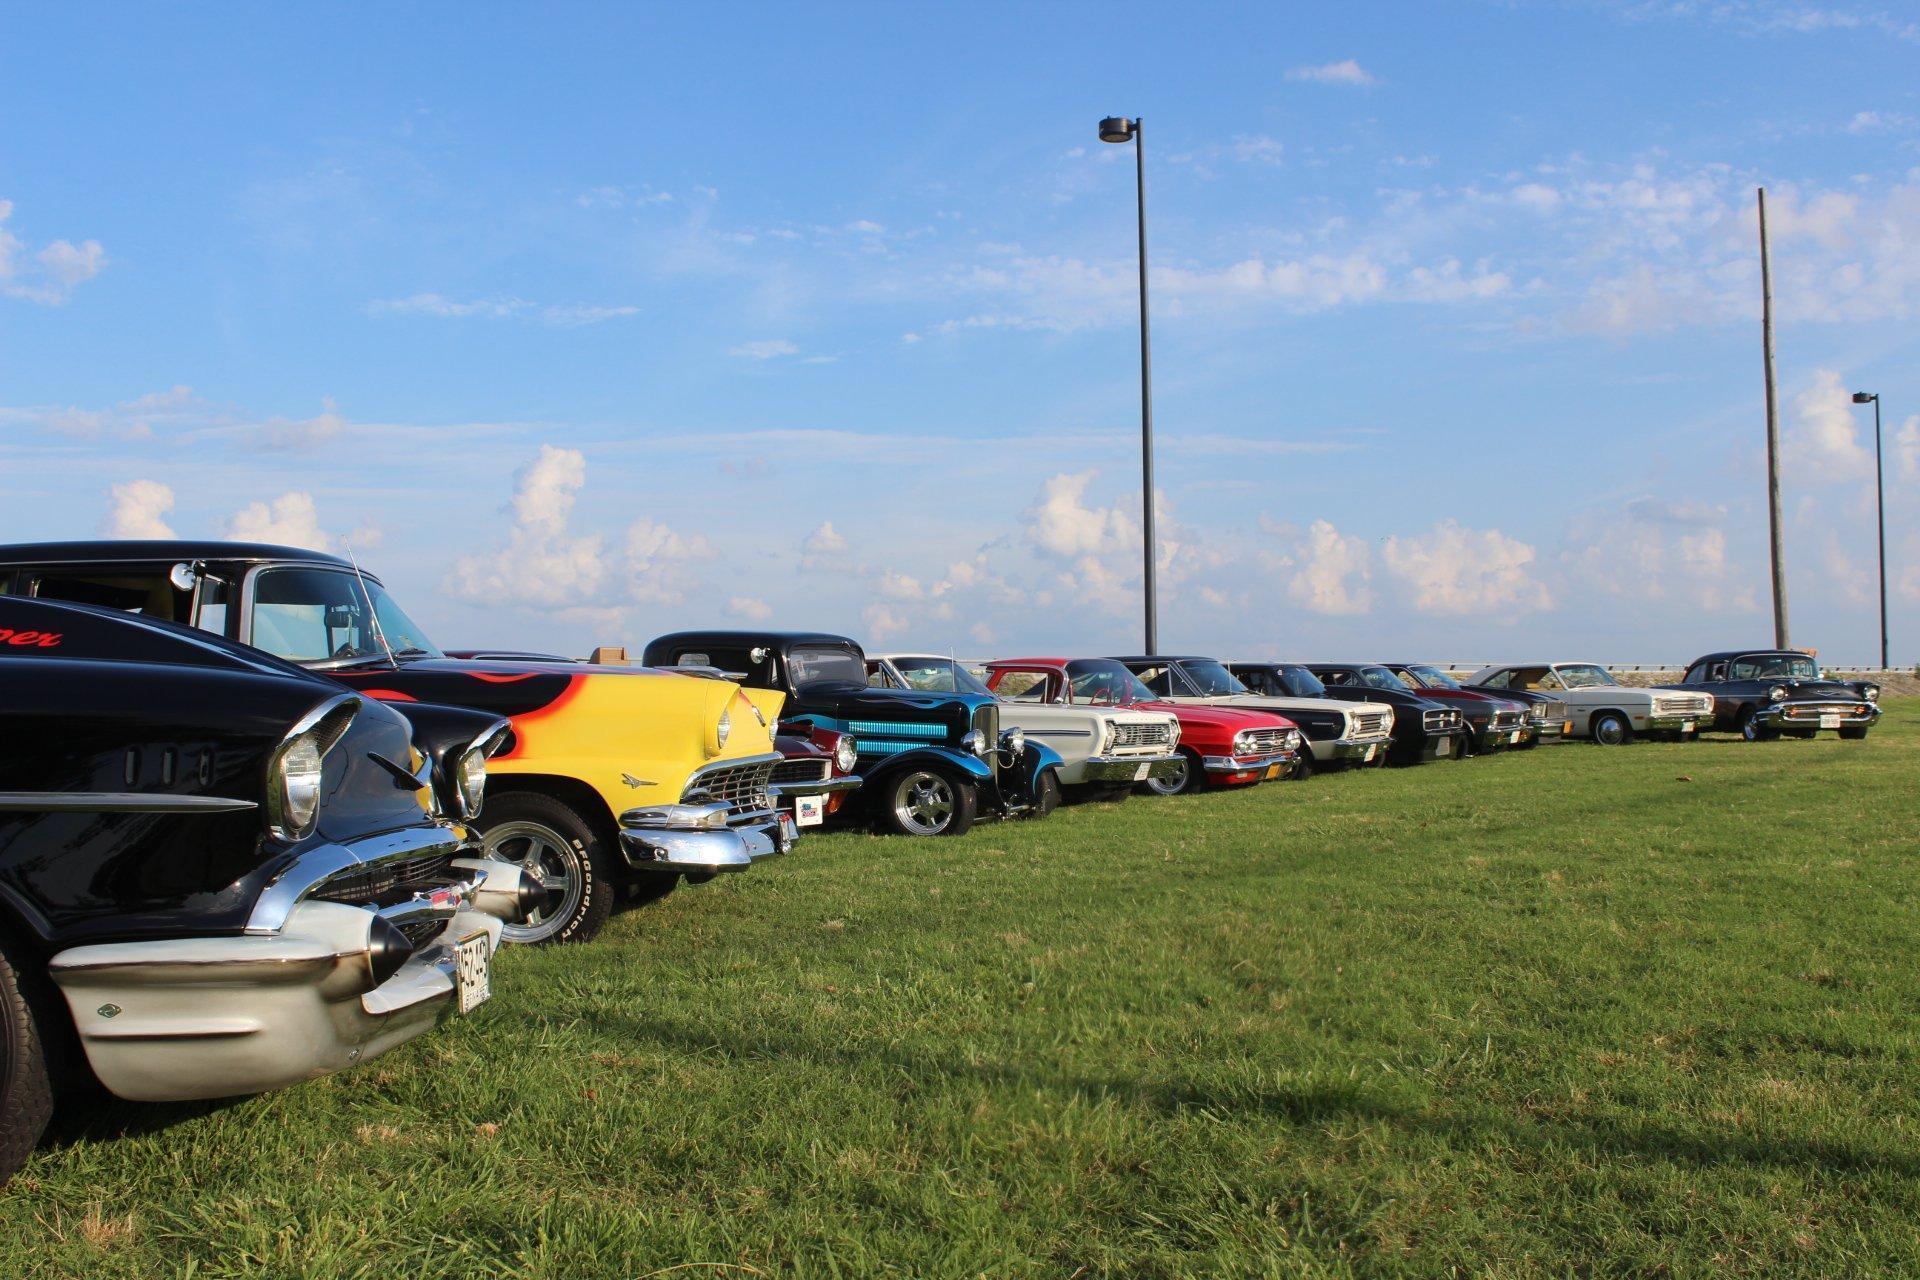 Southern Fried Festivals Car Show To Rev Up Fort Monroe Daily Press - Hampton coliseum car show